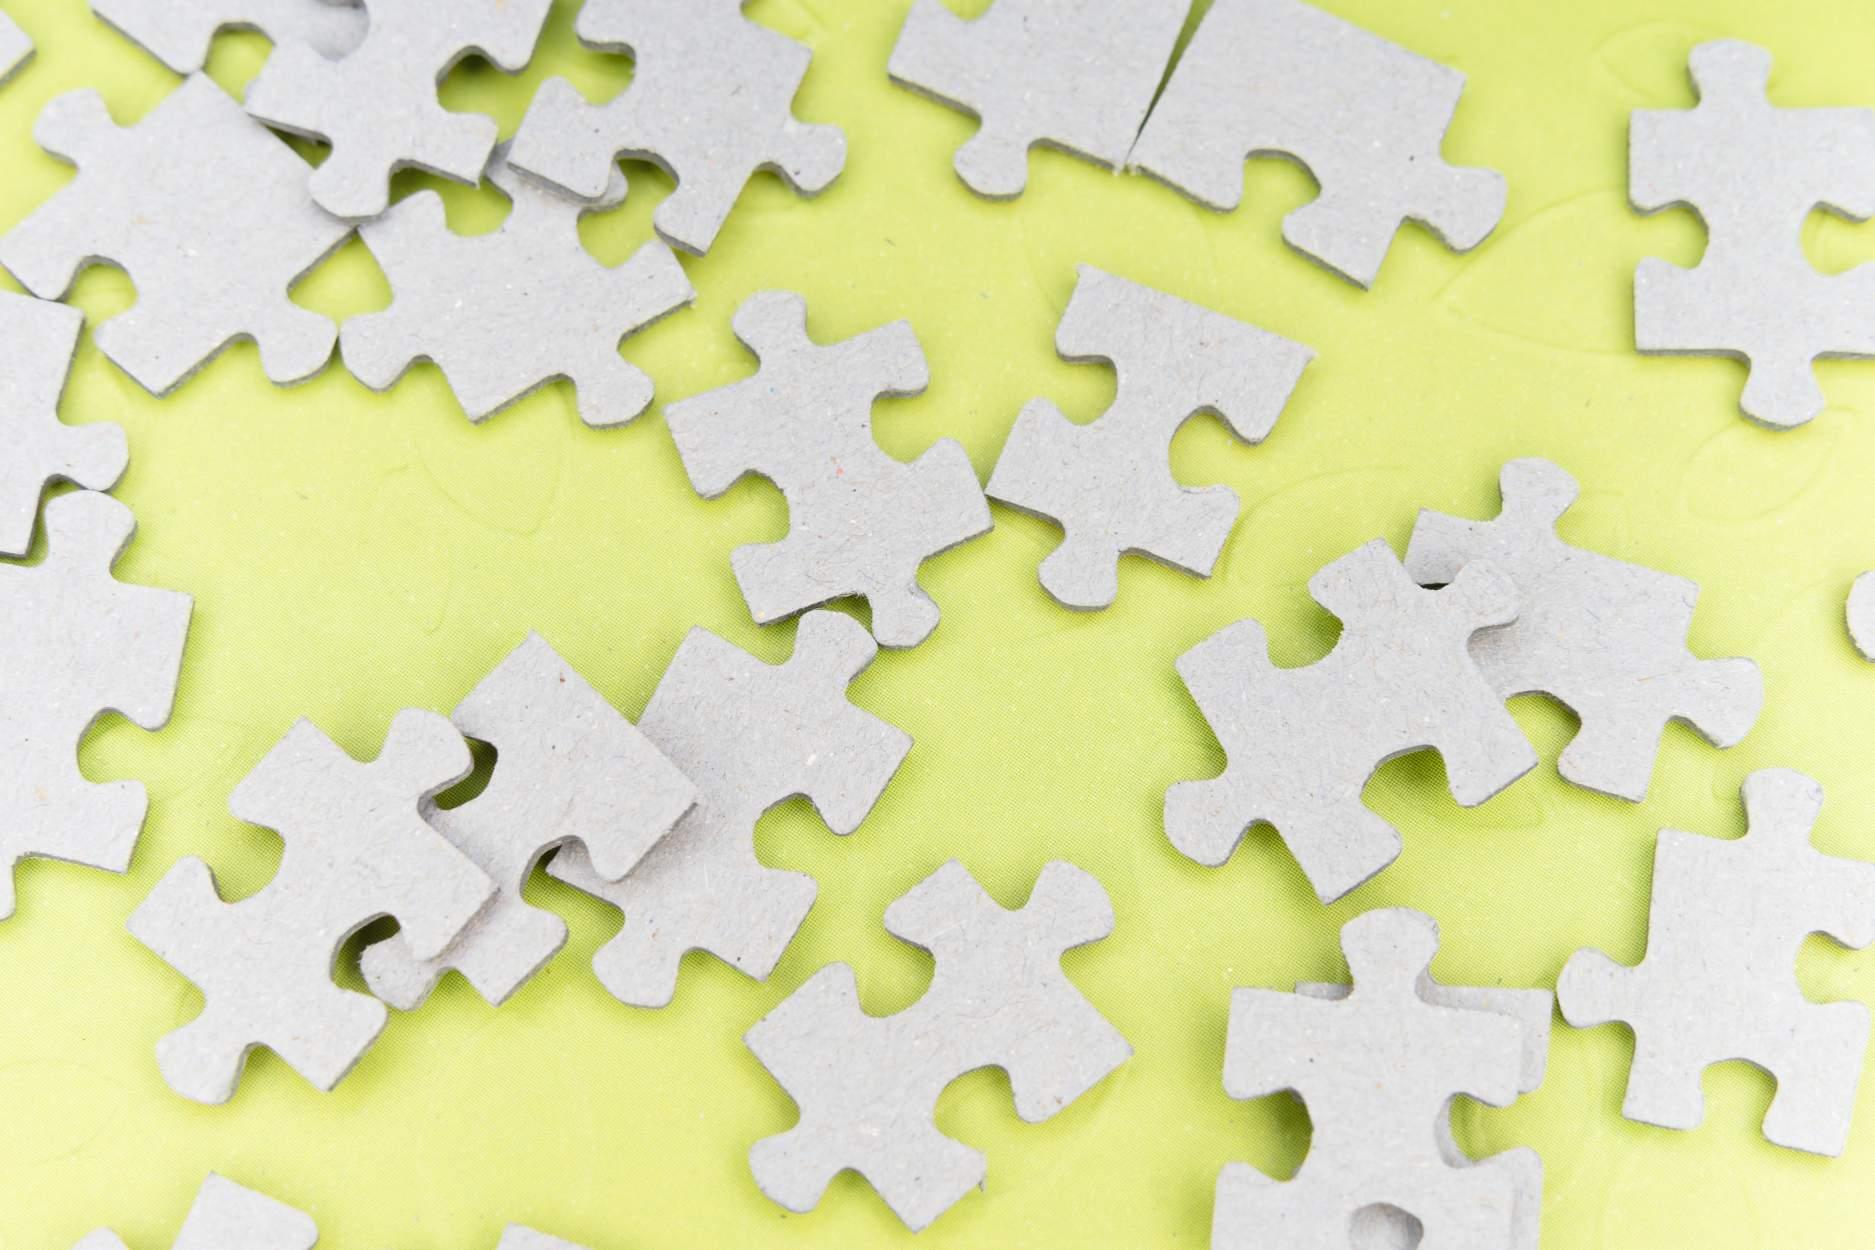 www.cloverdx.comhubfsjigzaw puzzle pieces